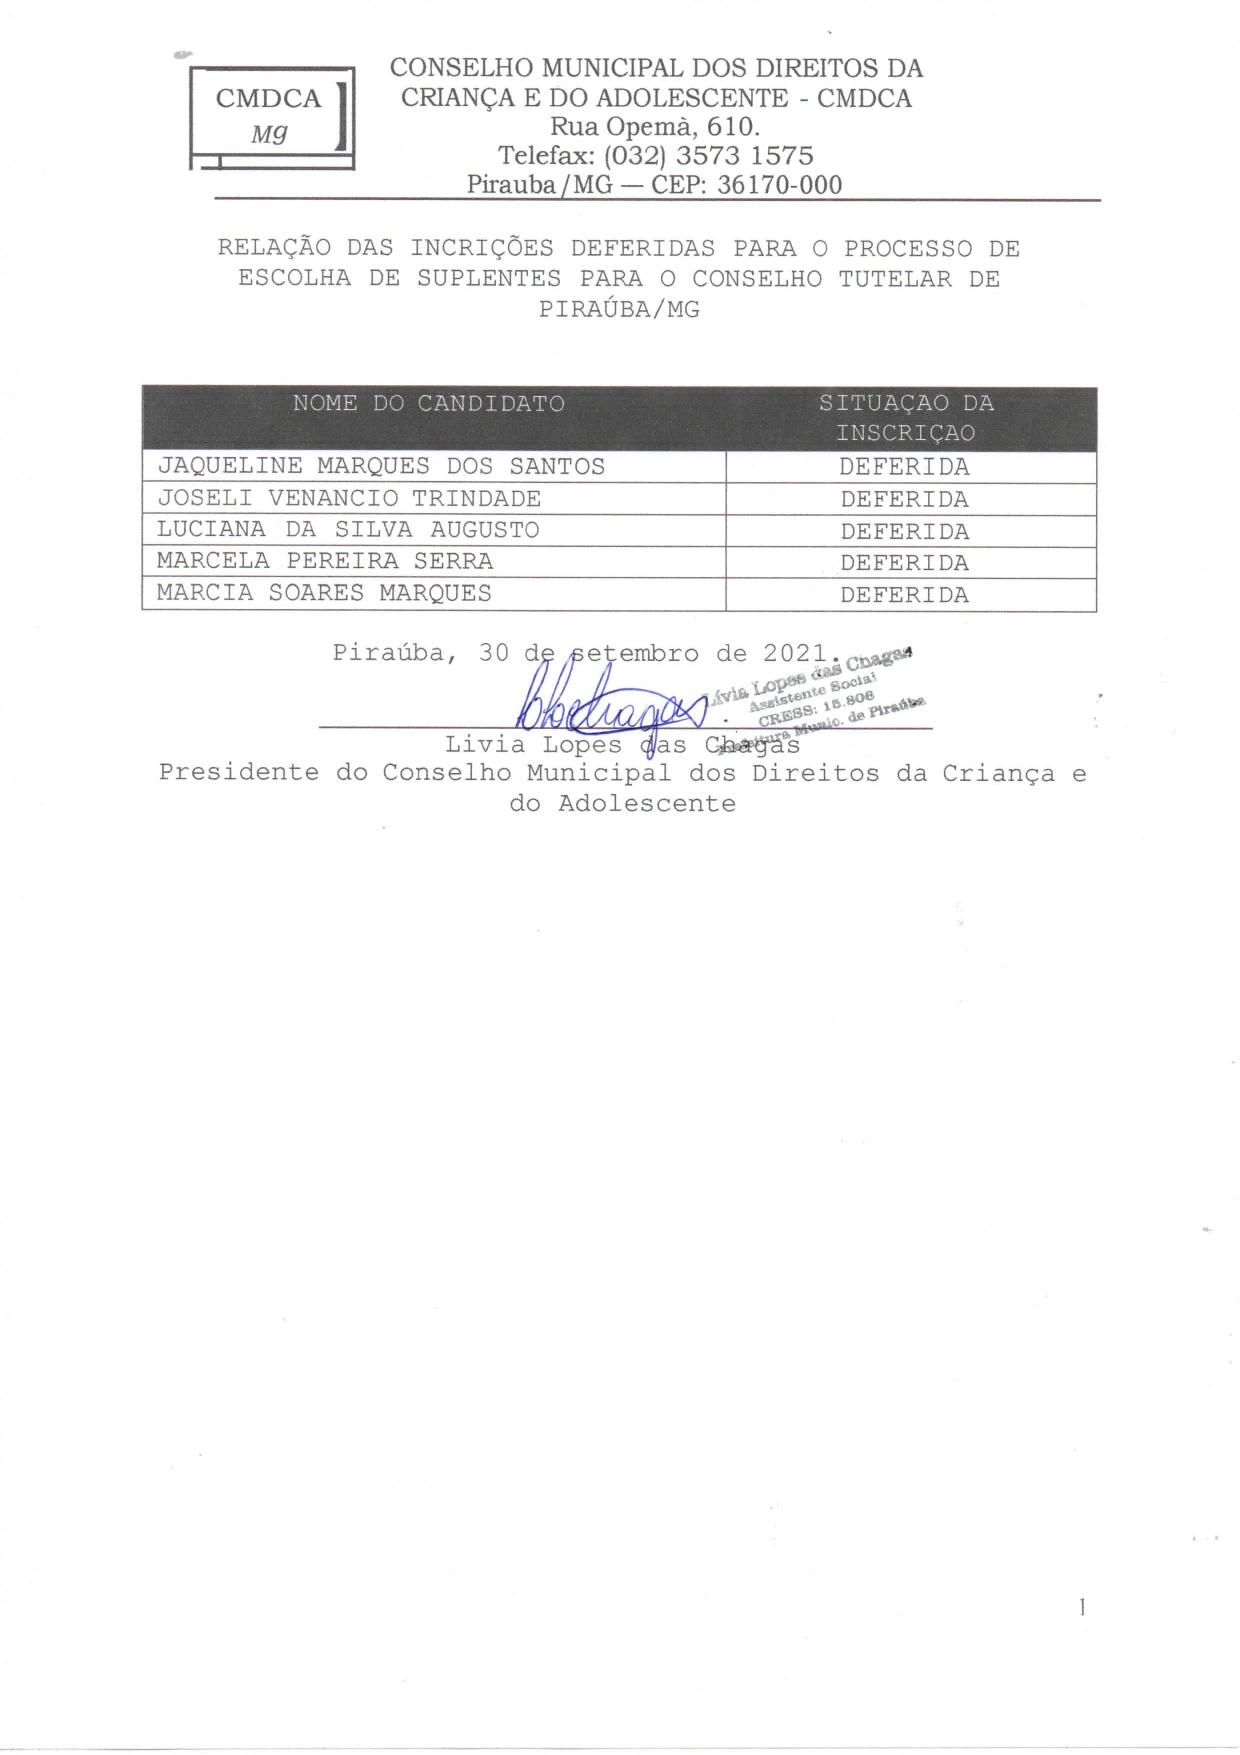 RELAÇÃO DAS INCRIÇÕES DEFERIDAS PARA O PROCESSO DE ESCOLHA DE SUPLENTES PARA O CONSELHO TUTELAR DE PIRAÚBA/MG